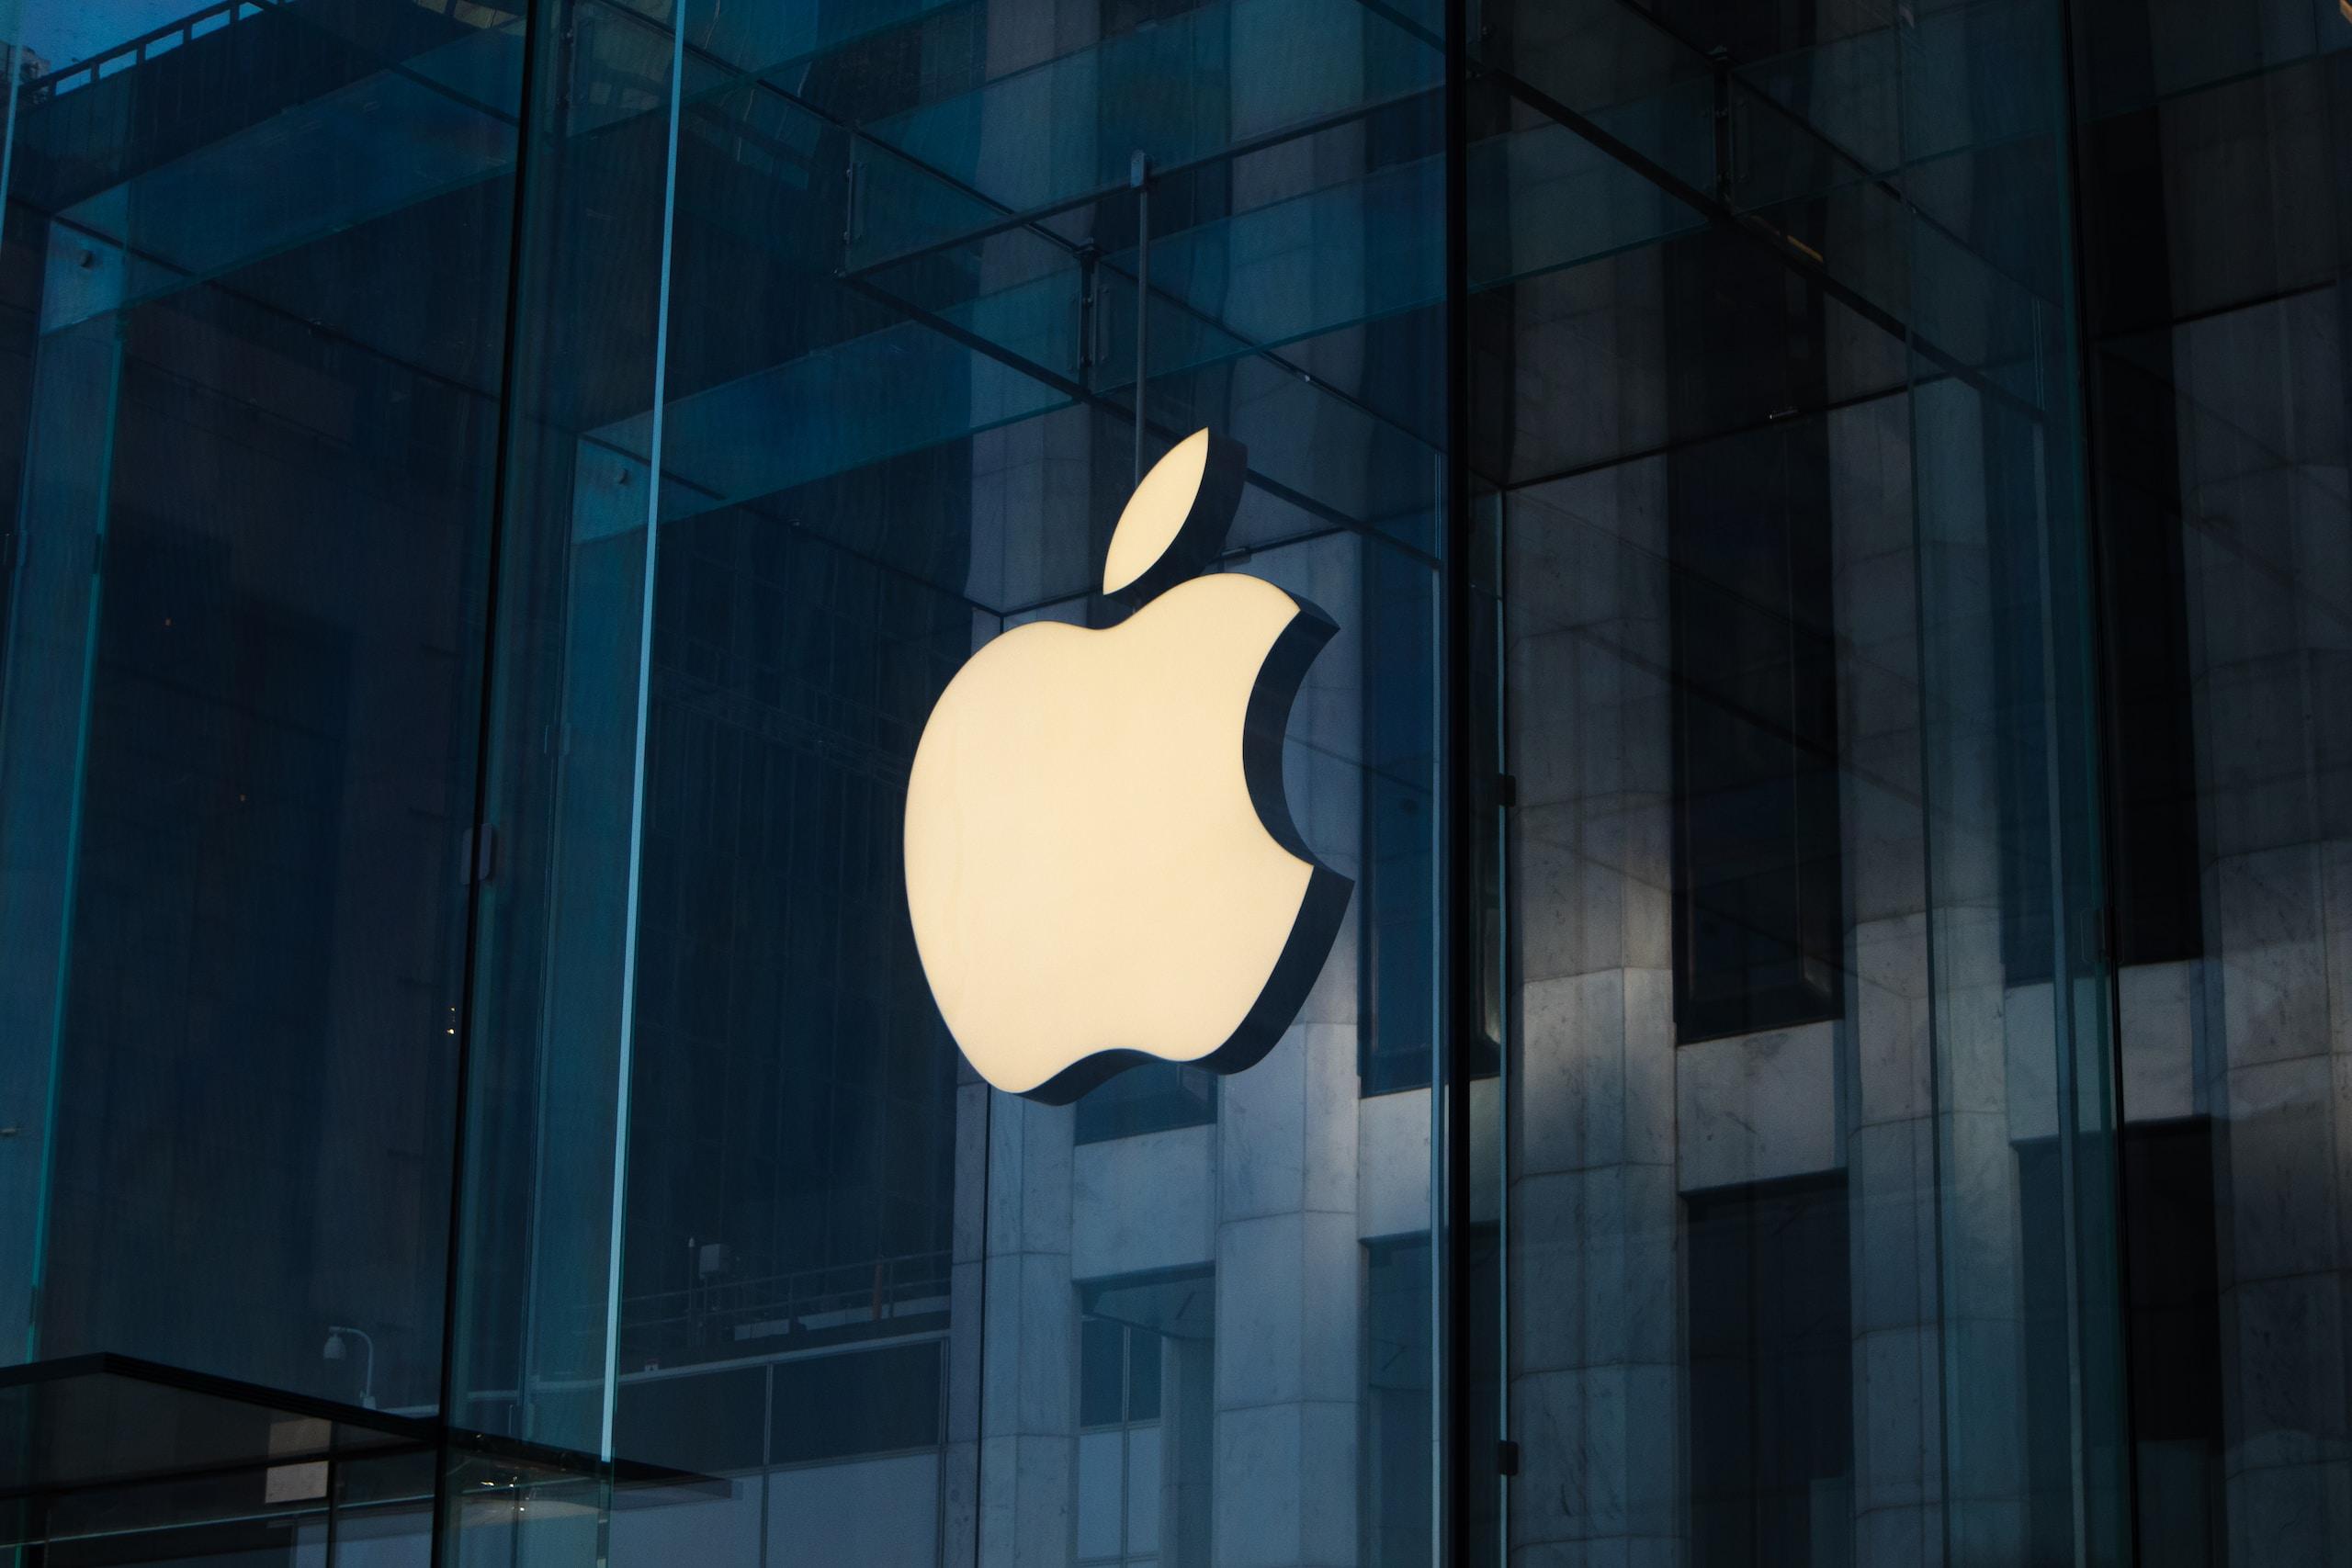 App Store / apple logo on glass window